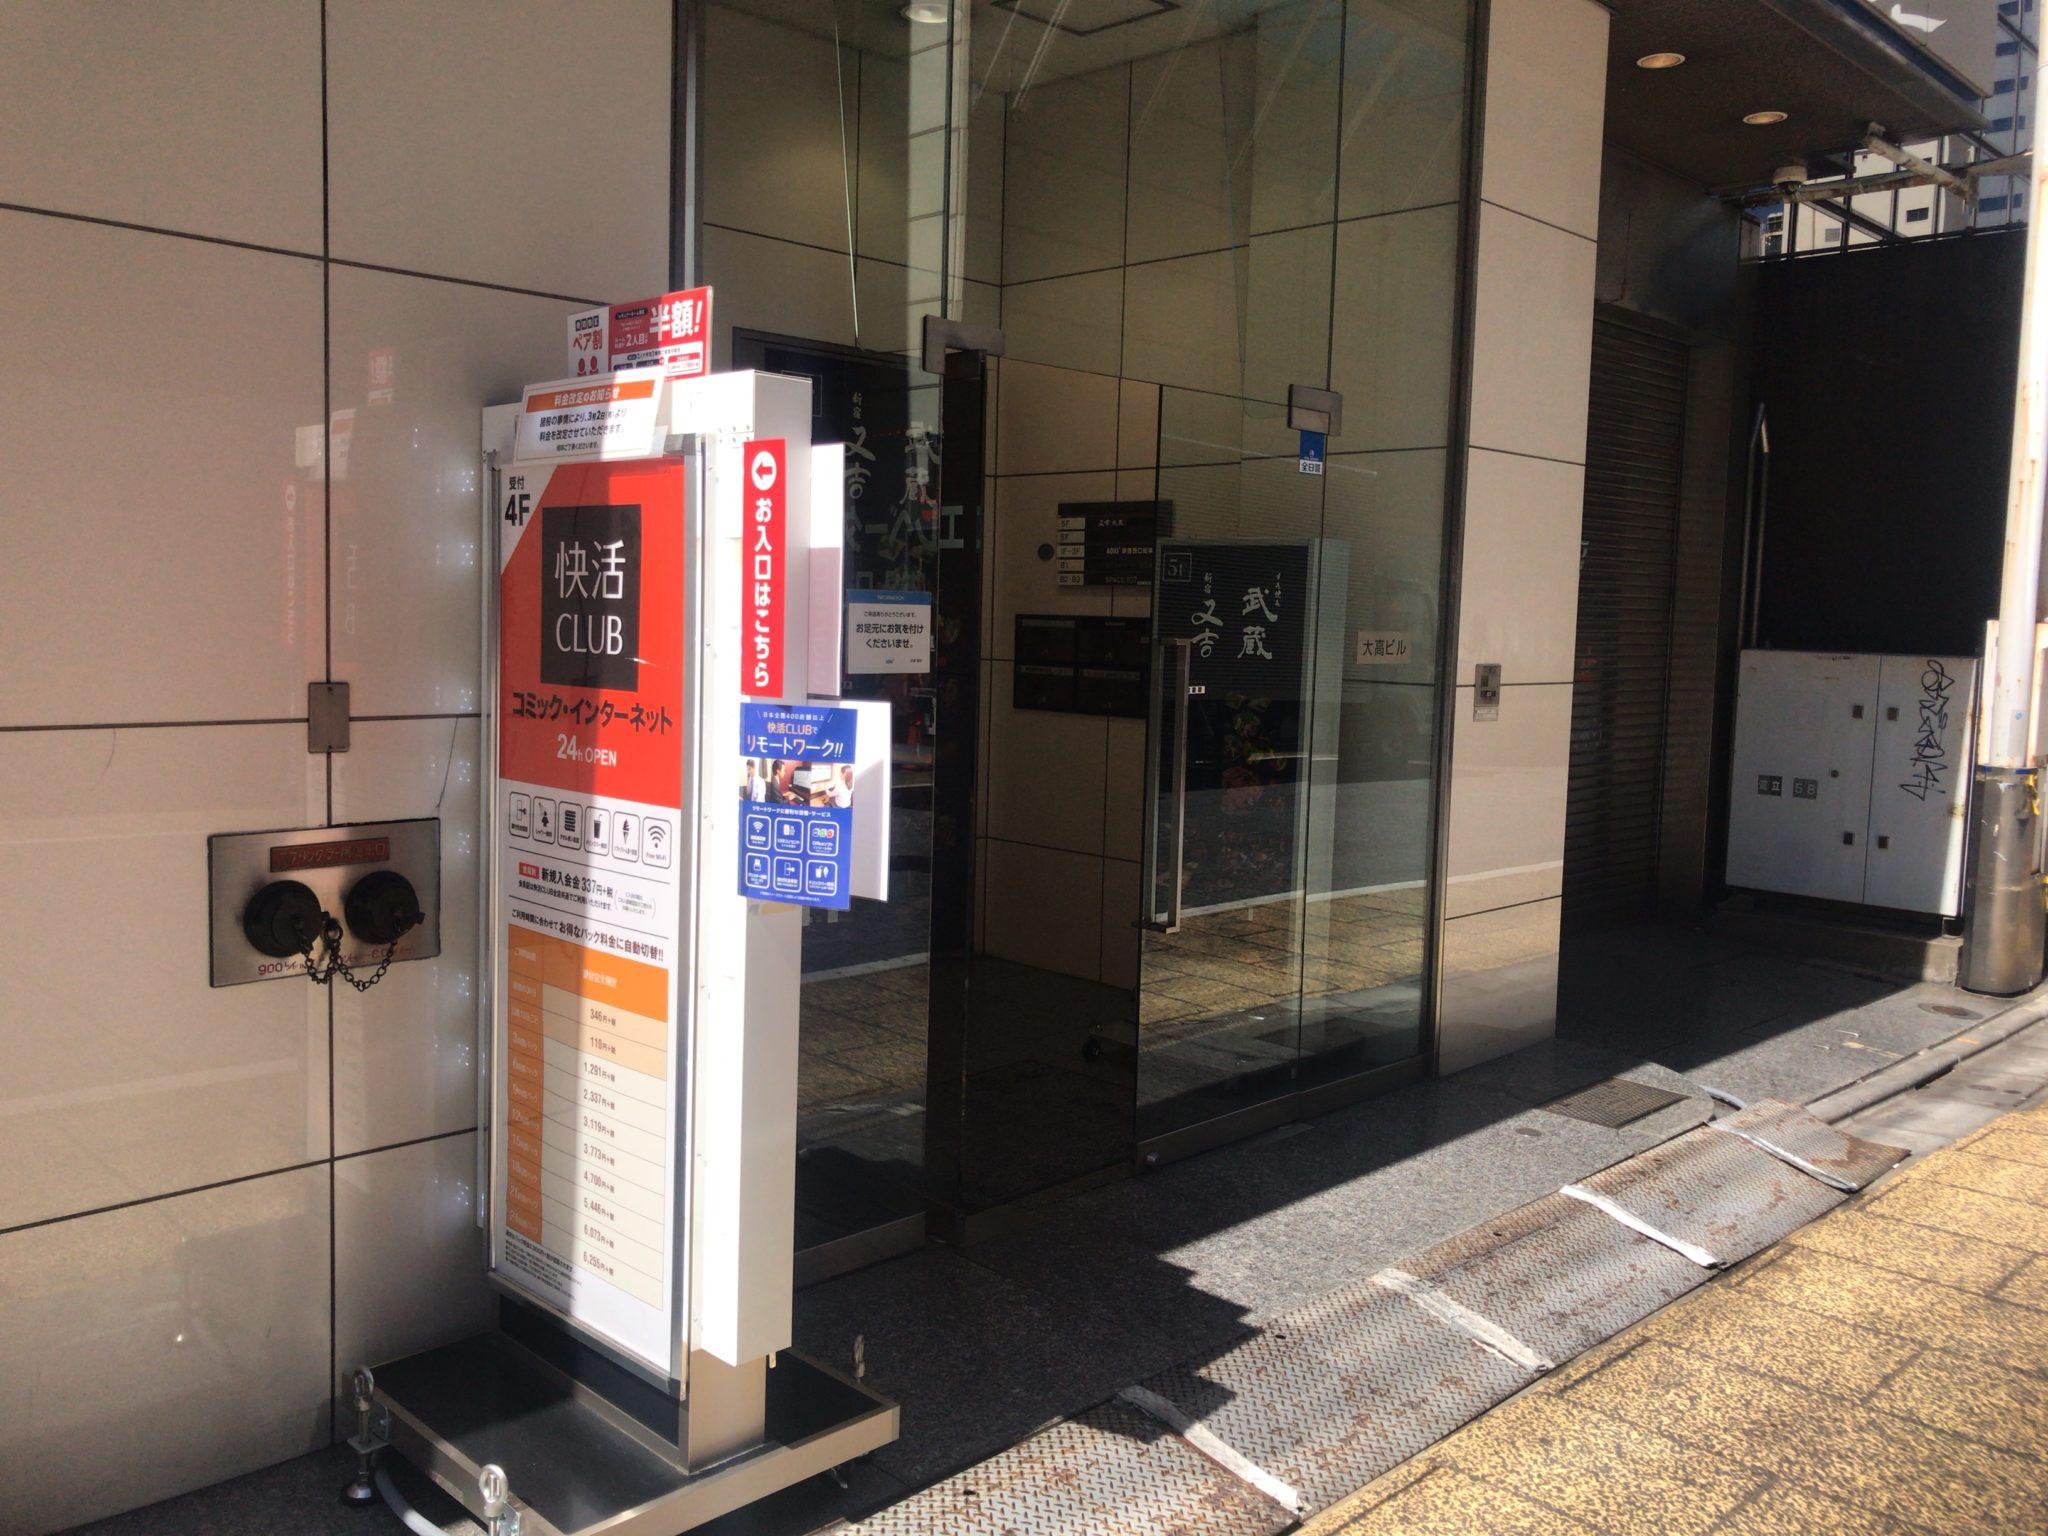 クラブ 西口 快活 新宿